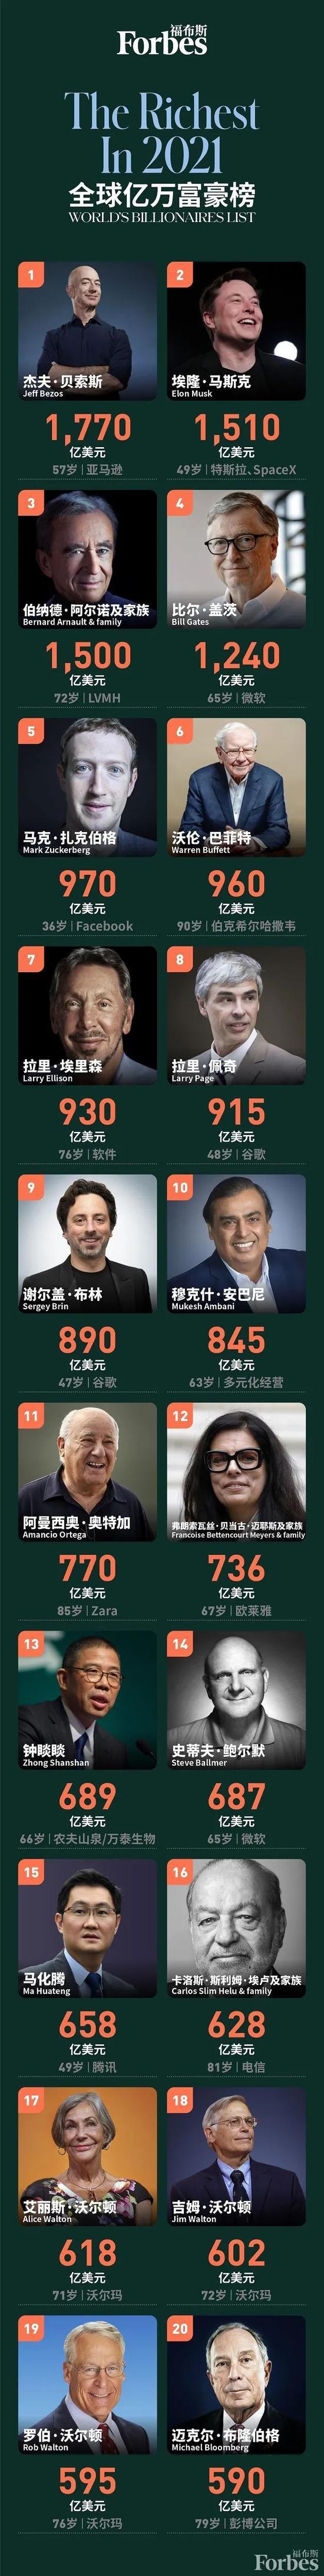 福布斯2021全球亿万富豪榜:贝索斯蝉联第一 马斯克飙升第二 马化腾第十五